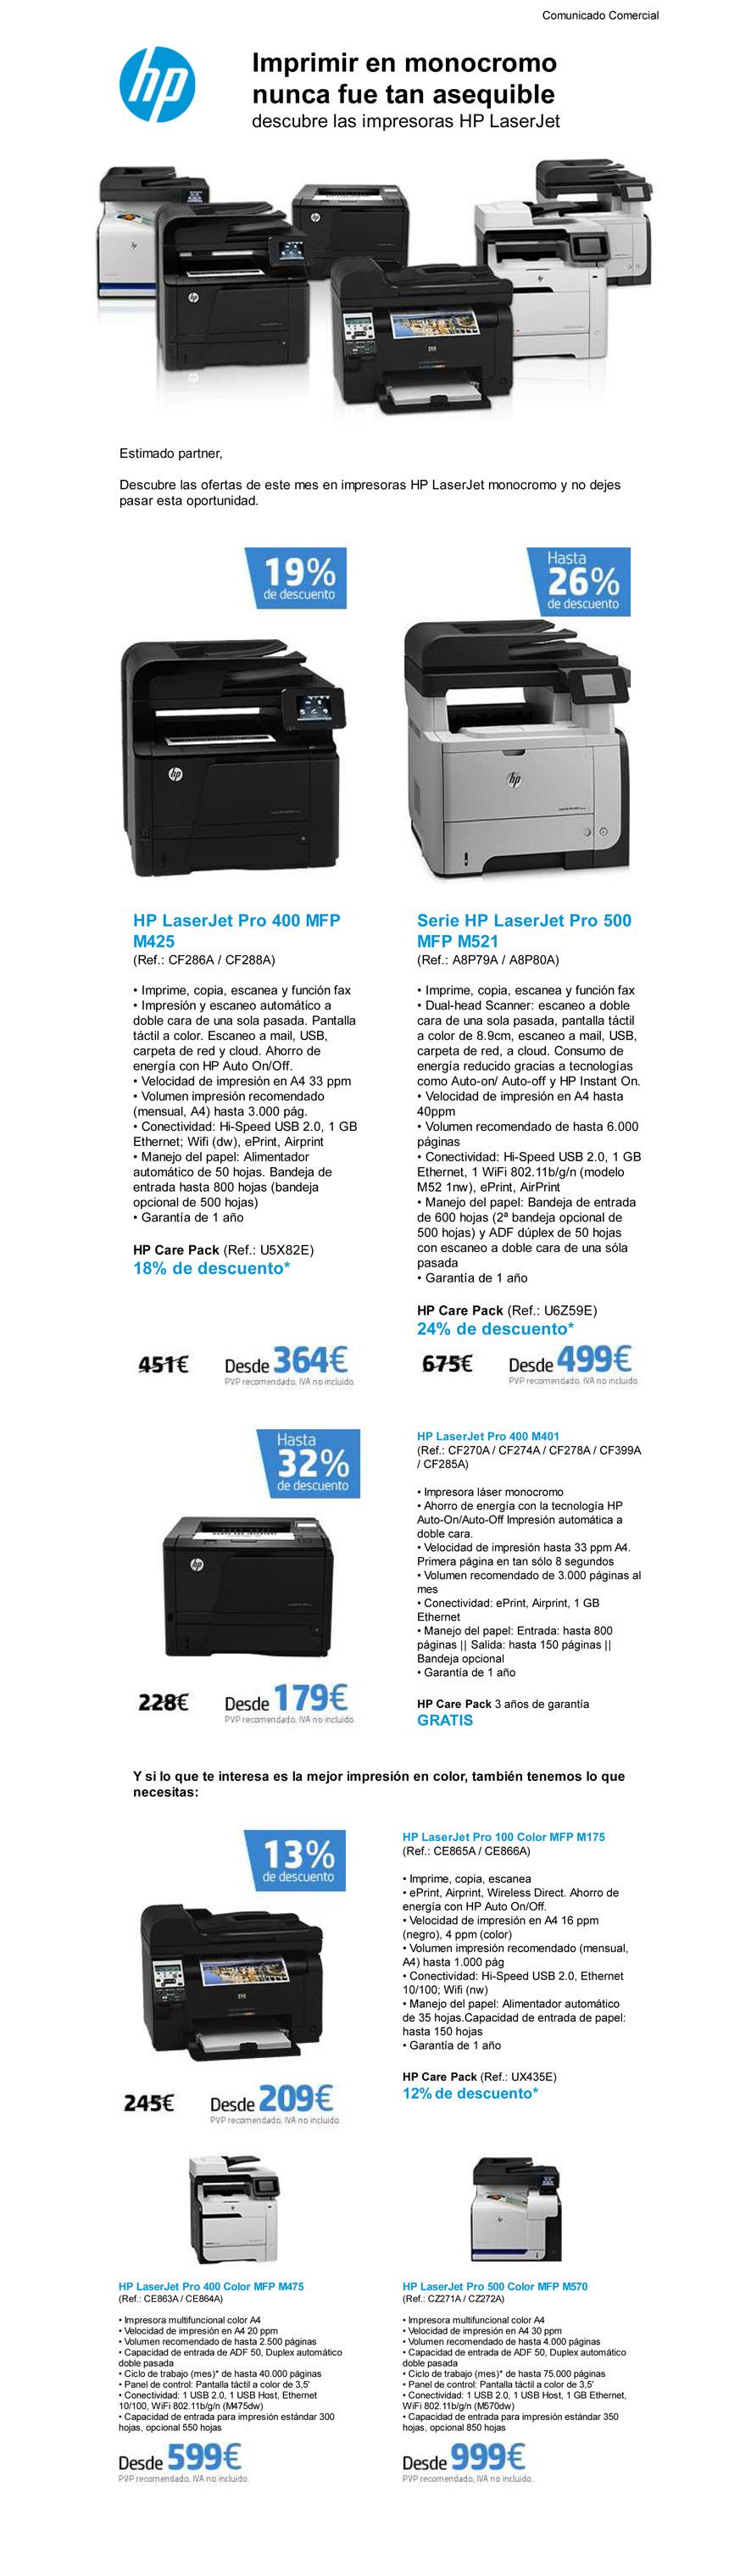 HP eCommunication Tool - Imprimir en monocromo nunca fue tan ase